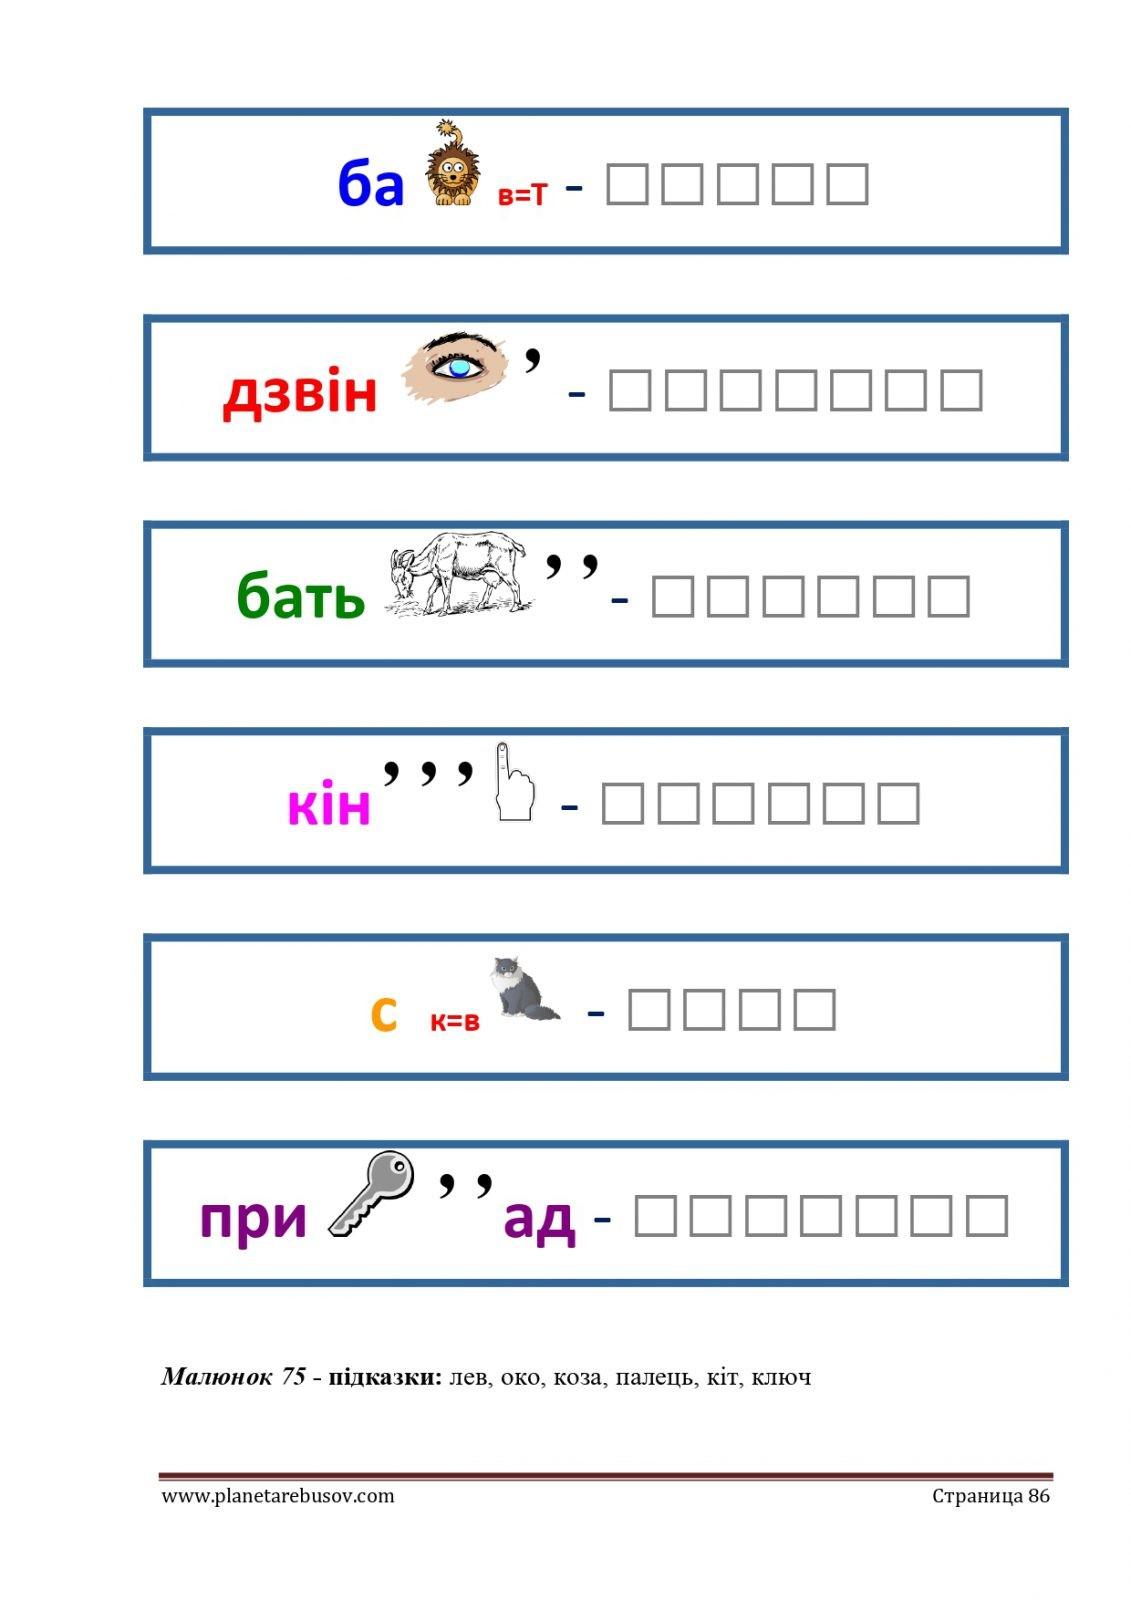 Ребусы на украинском. Уровень 2 — стр 86